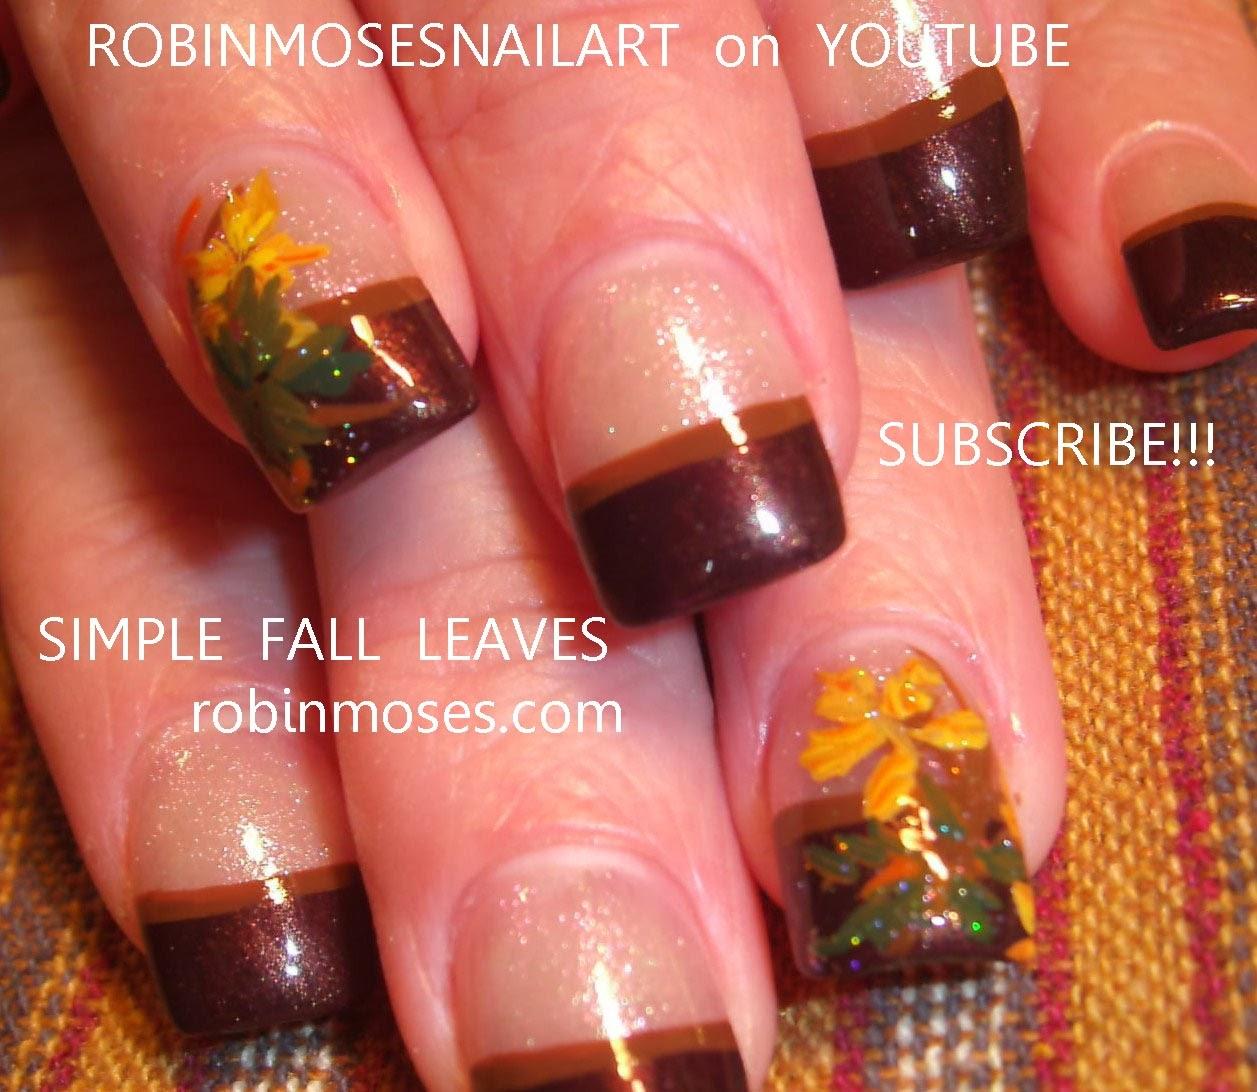 EASY fall nails here. Short nails and cute french mani! - Robin Moses Nail Art: